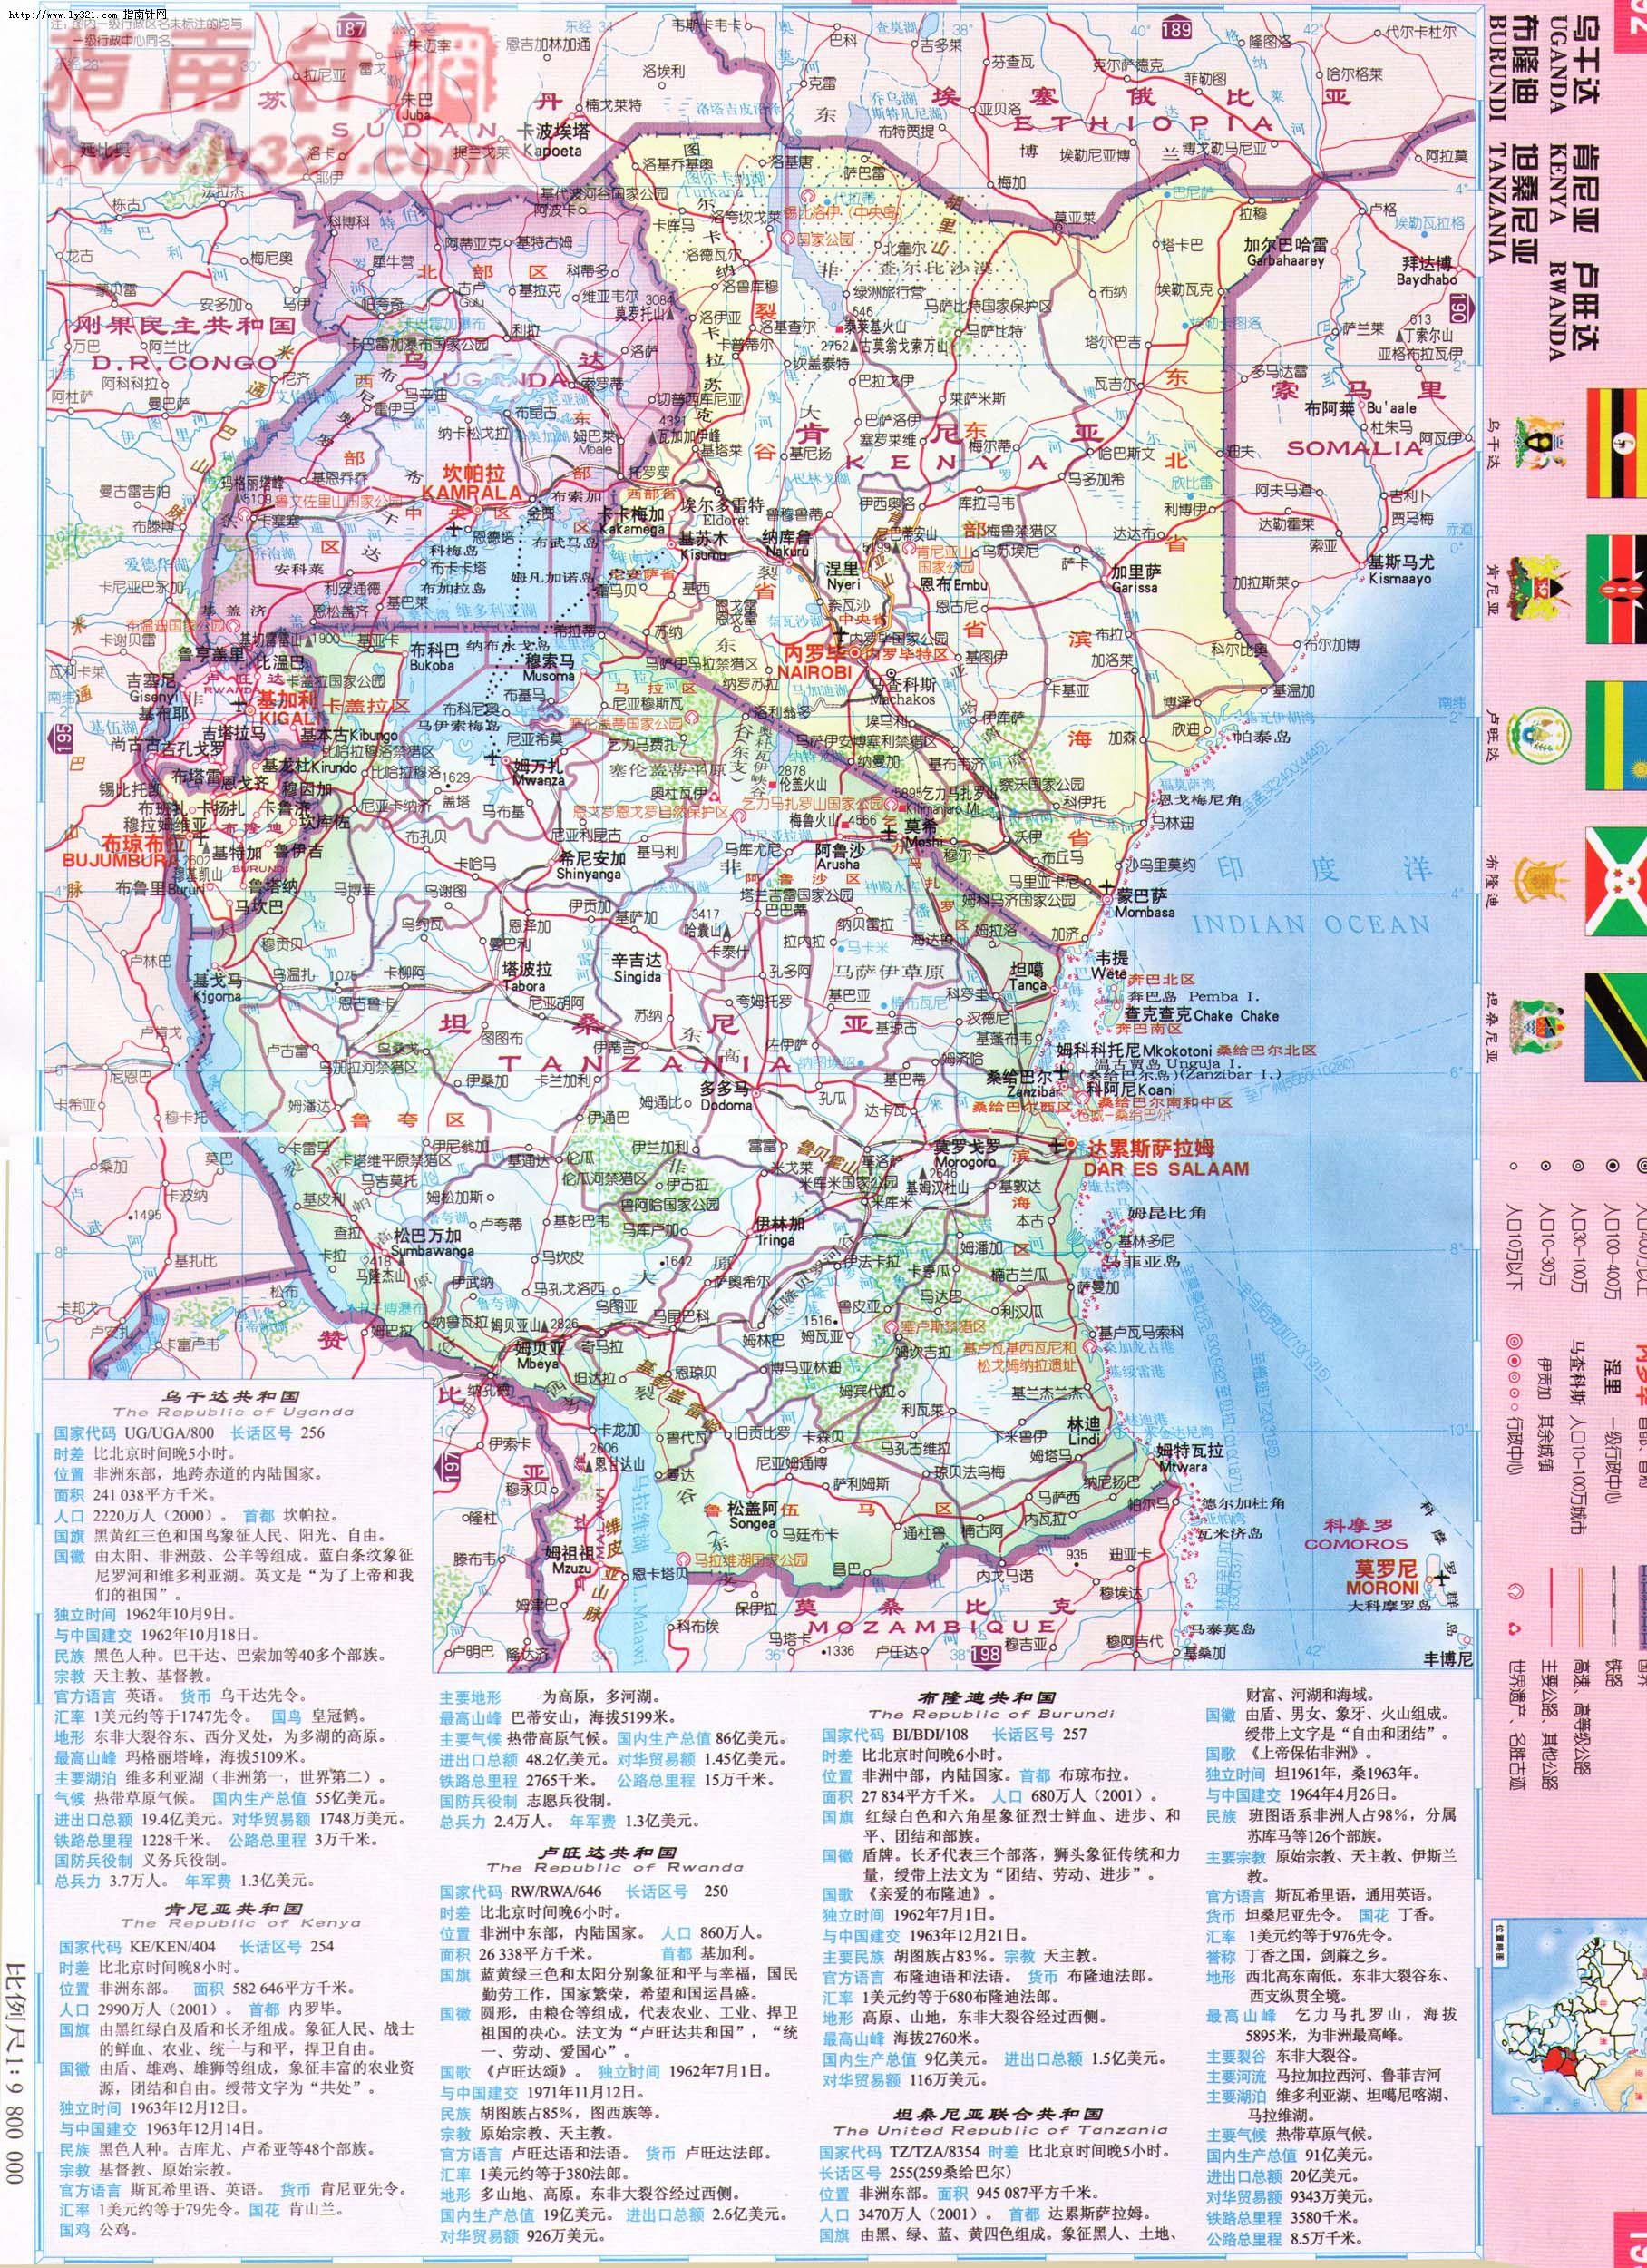 博茨瓦纳地图_肯尼亚地图_肯尼亚地图库_地图窝